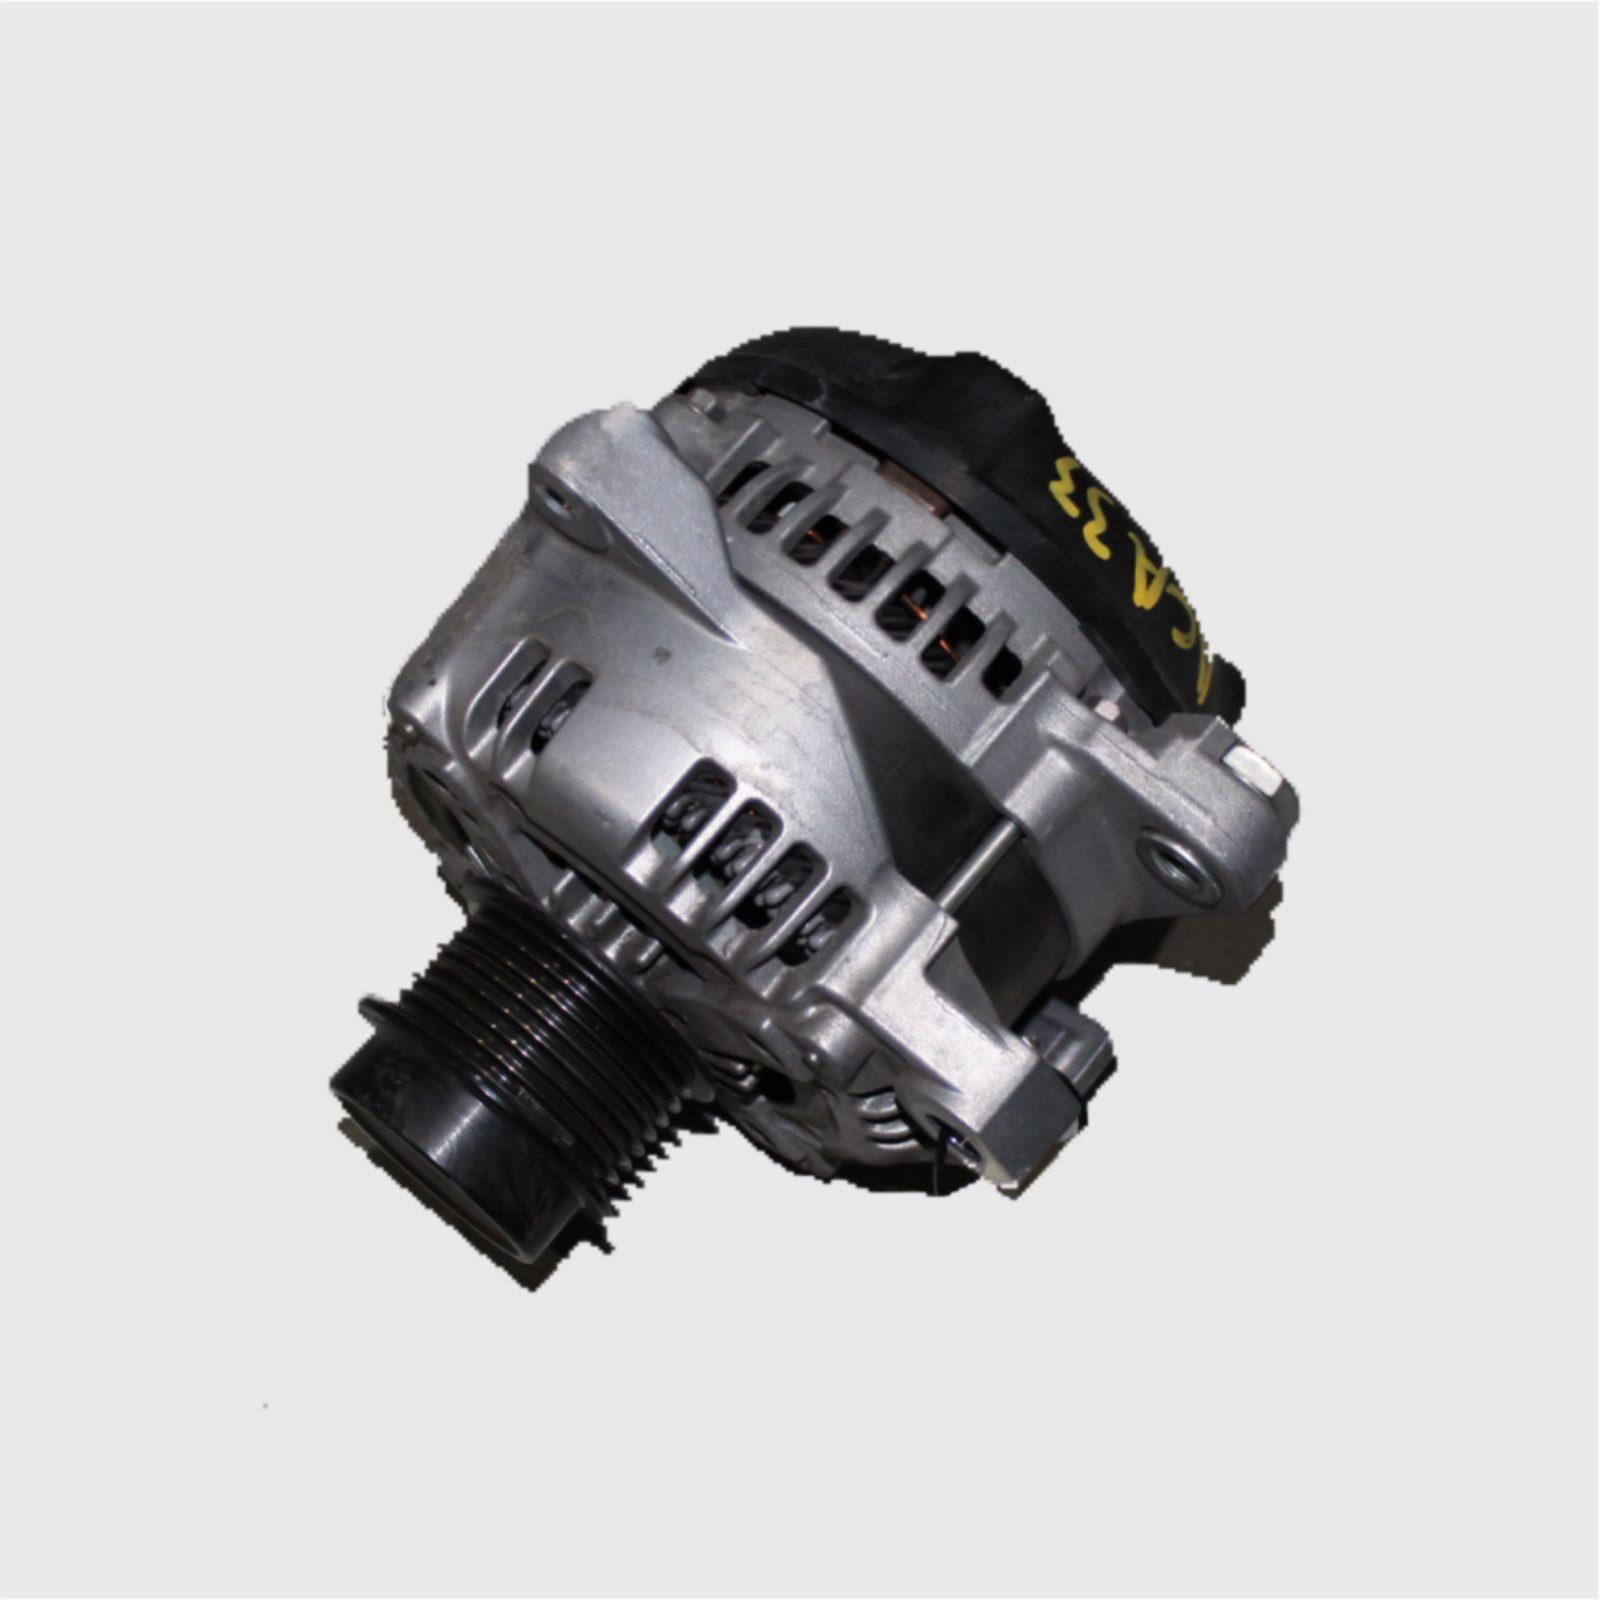 TOYOTA RAV4, Alternator, 2.4, 2AZ-FE, ACA33, 2706028311, 11/05-12/12